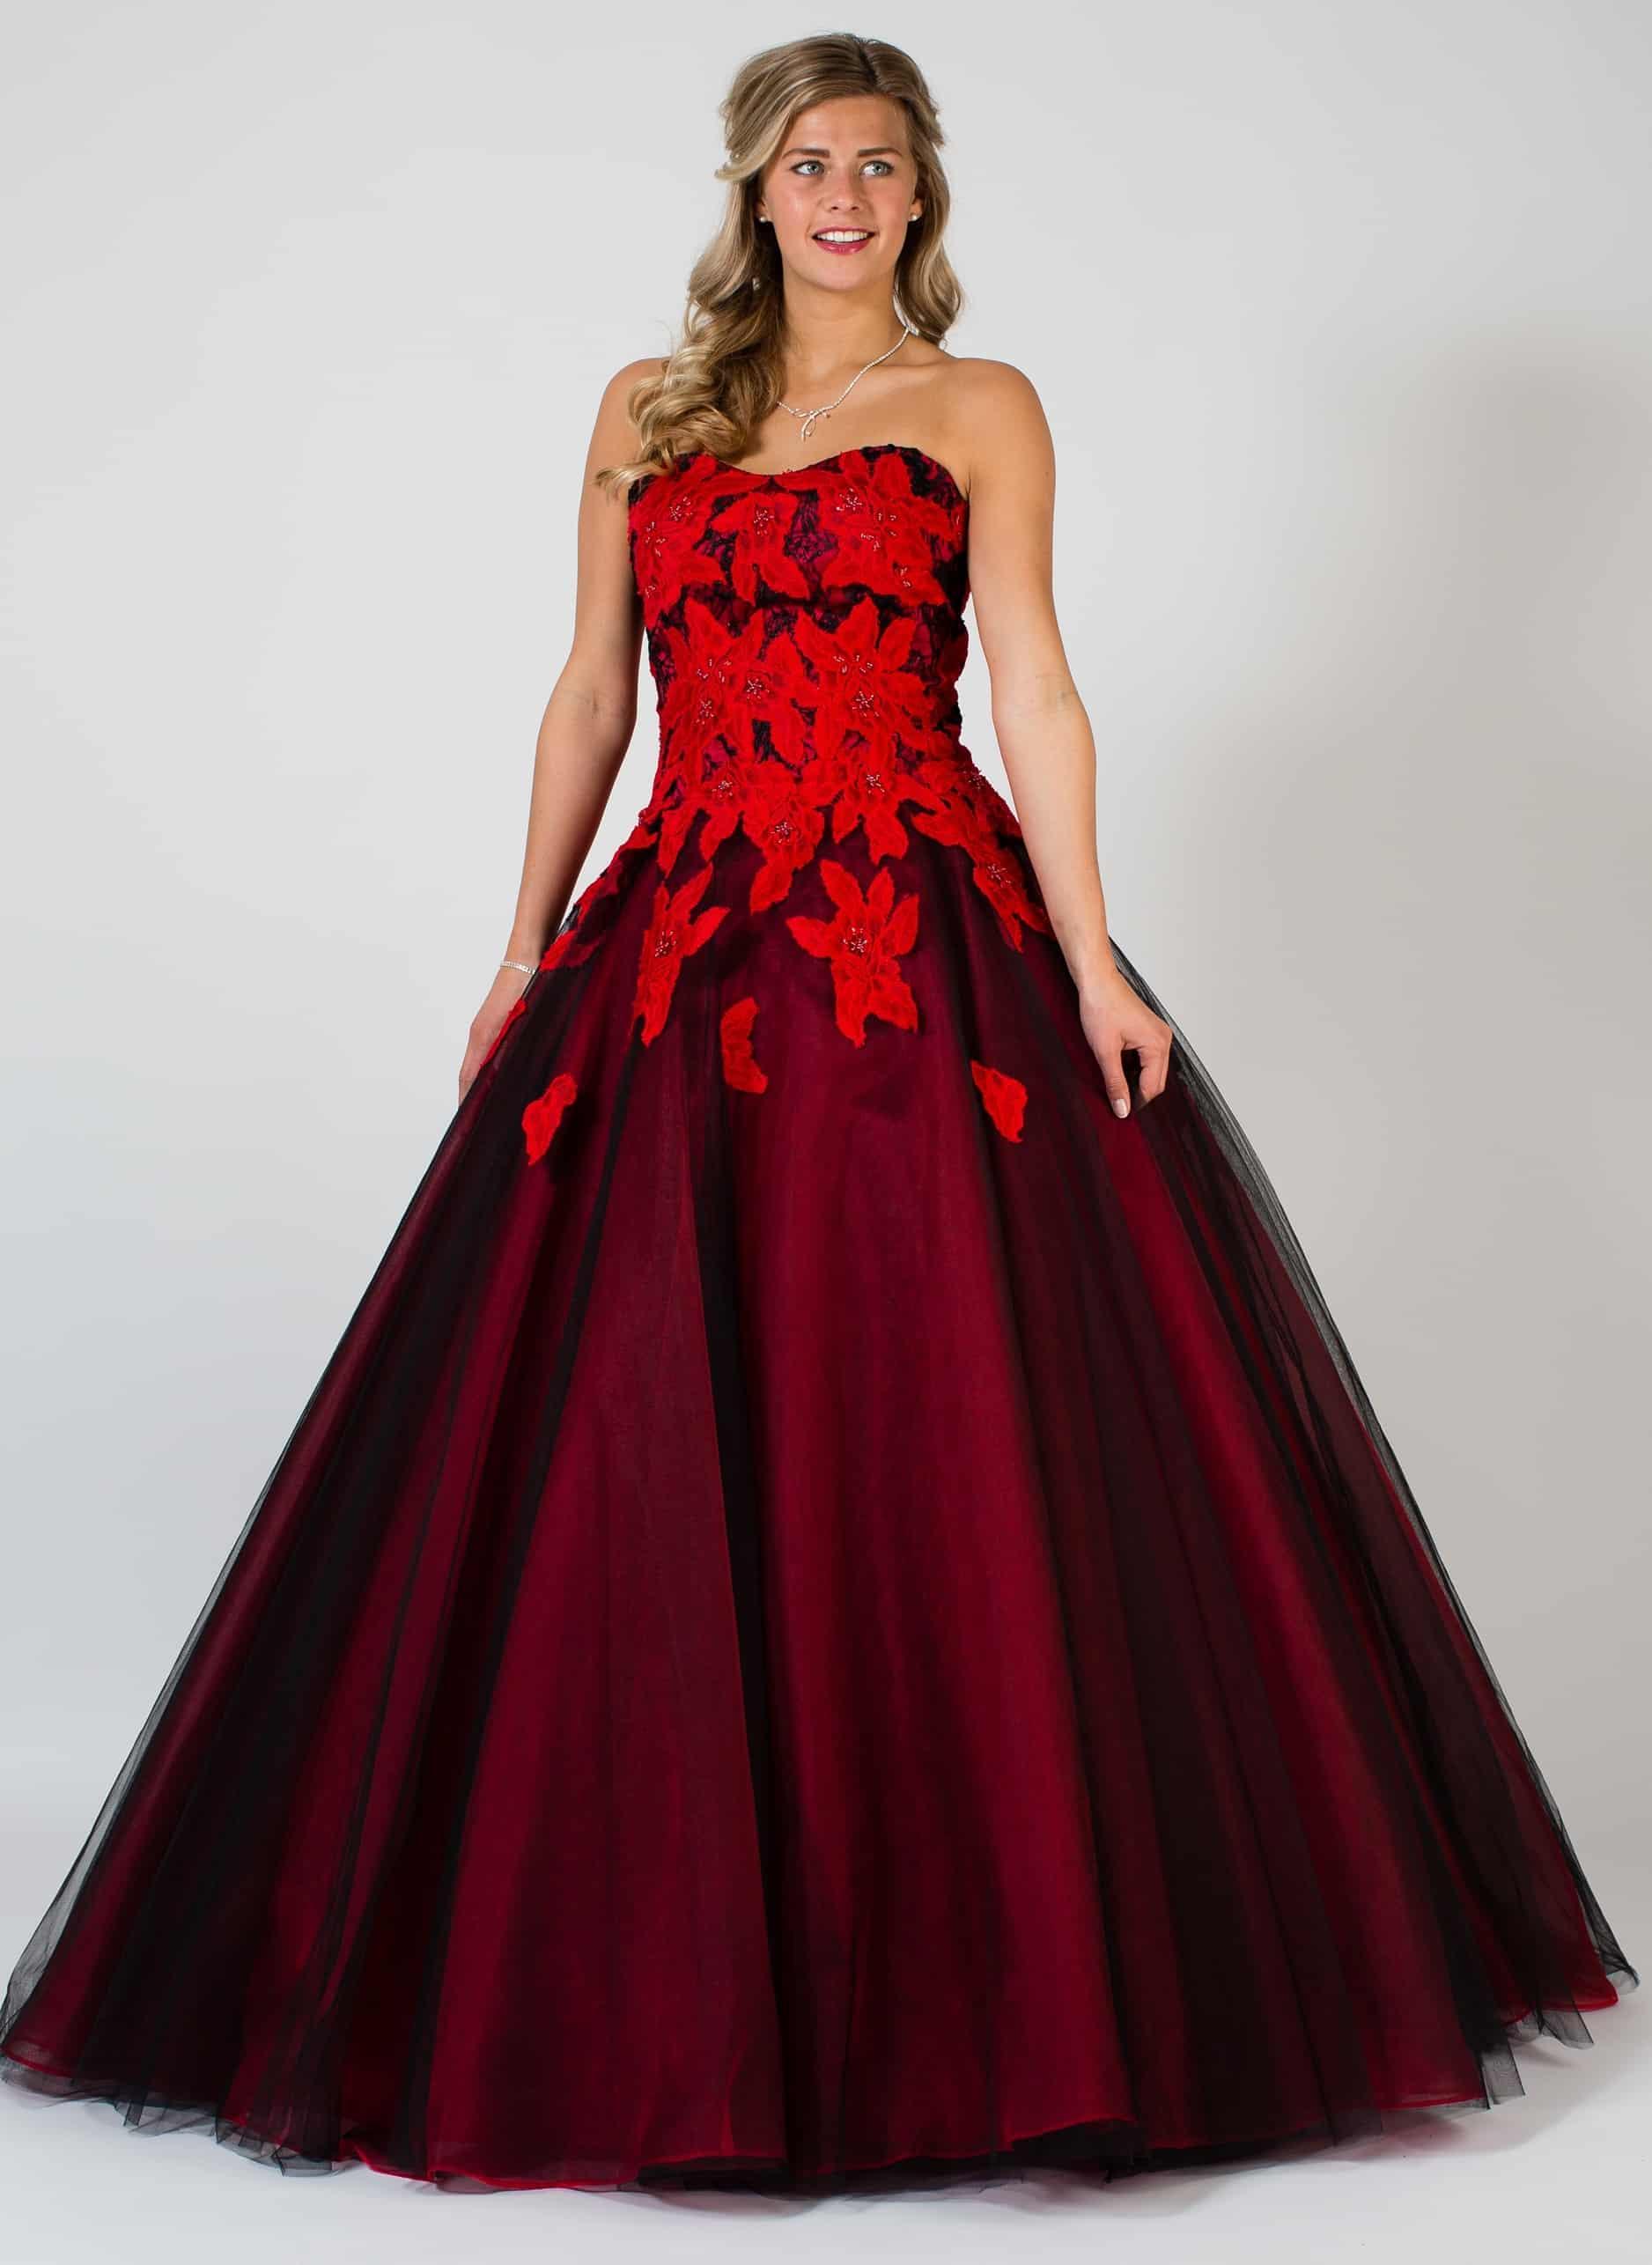 Gothic Black und Red A-Linie Brautkleider Schatz-Spitze Tulle Braut Non  Weiß-Brautkleid nach Maß Robe De Mariee